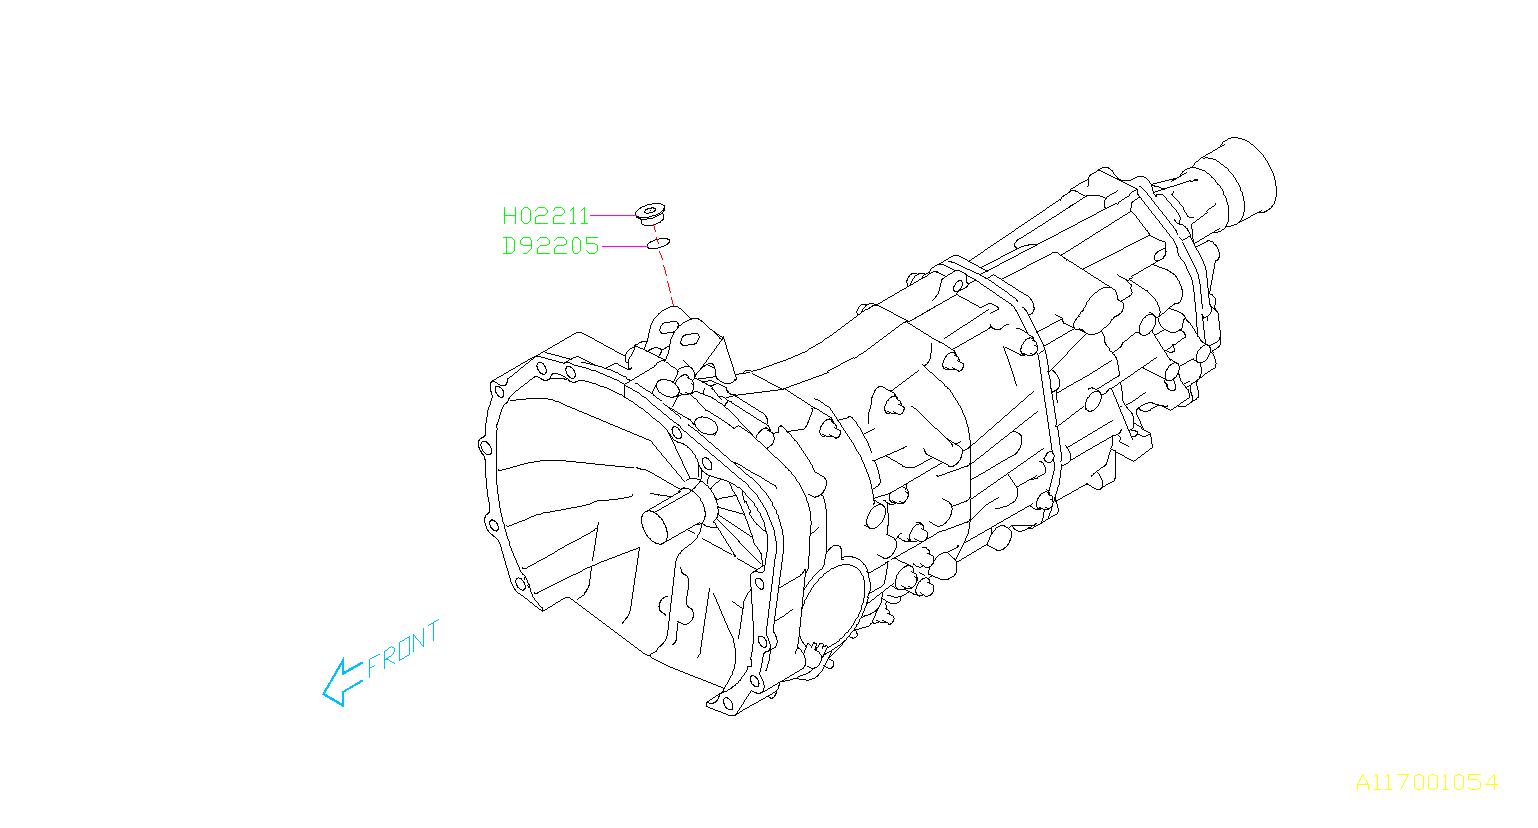 Subaru Impreza Plug. Transmission, maintenance, case